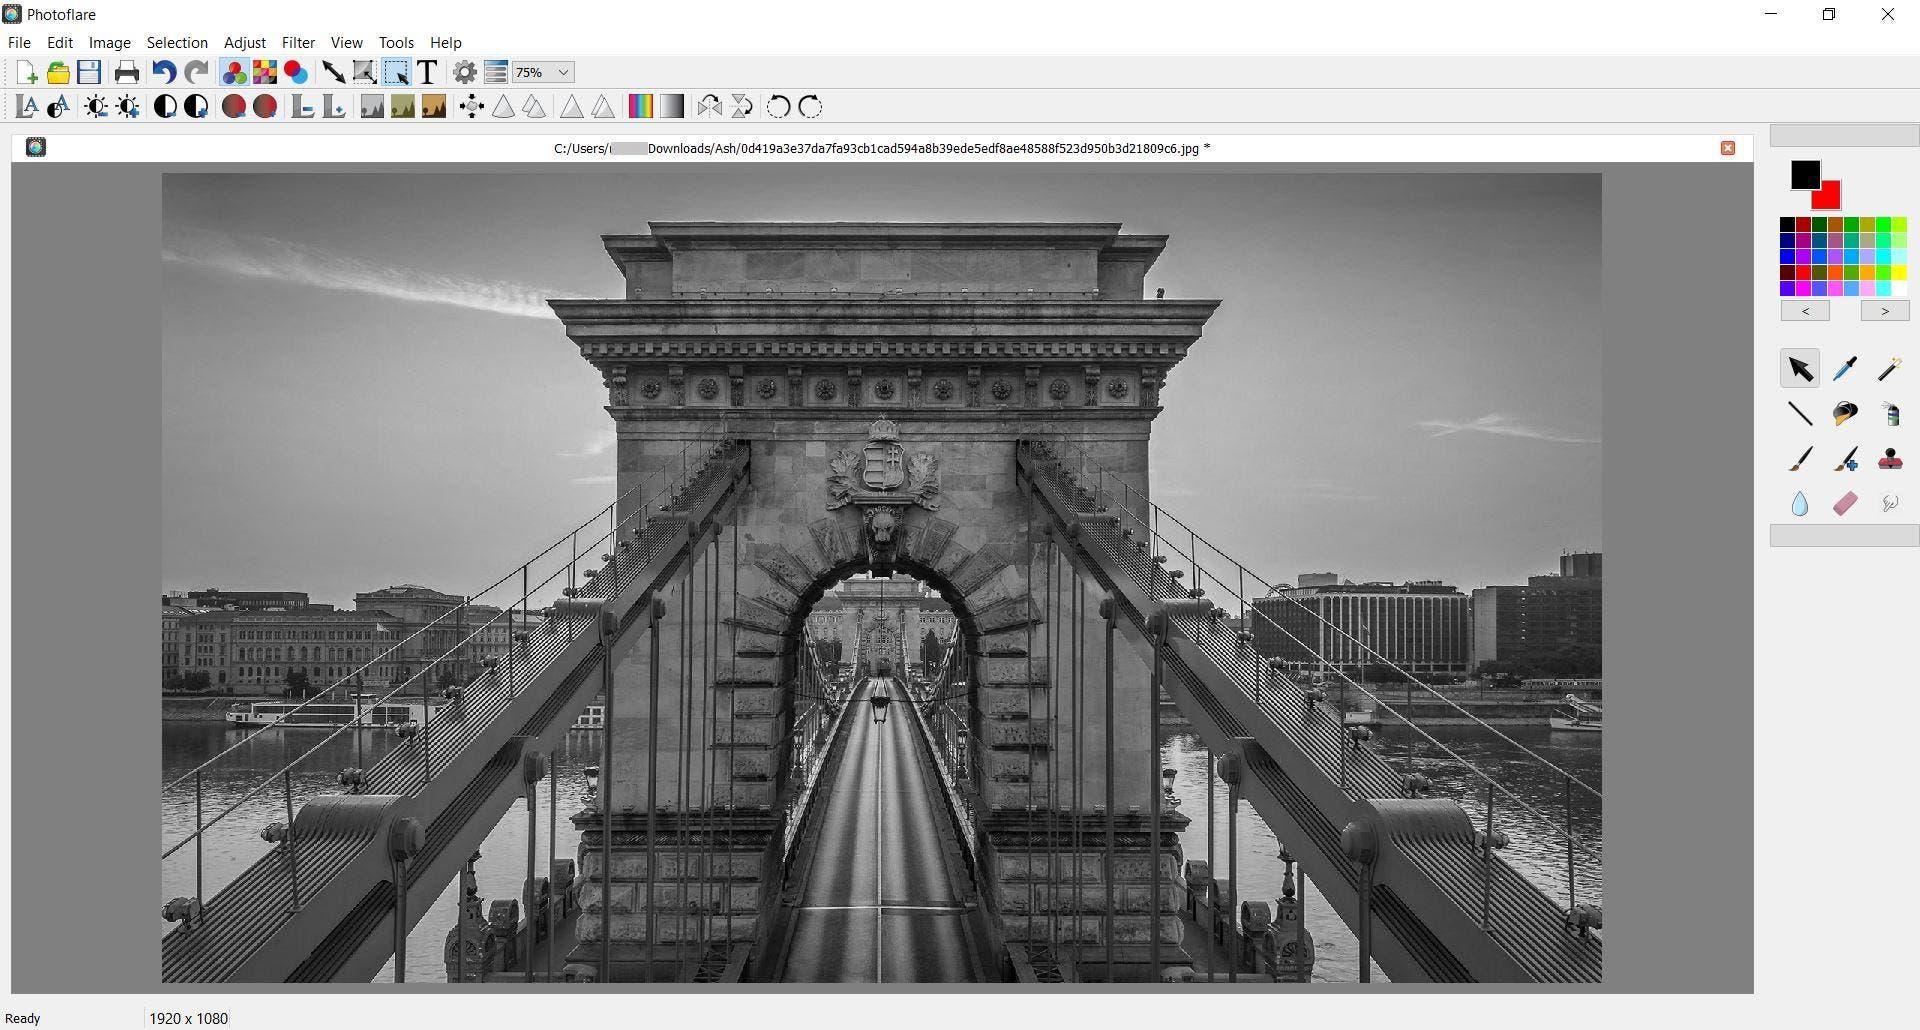 La escala de grises de la foto fija